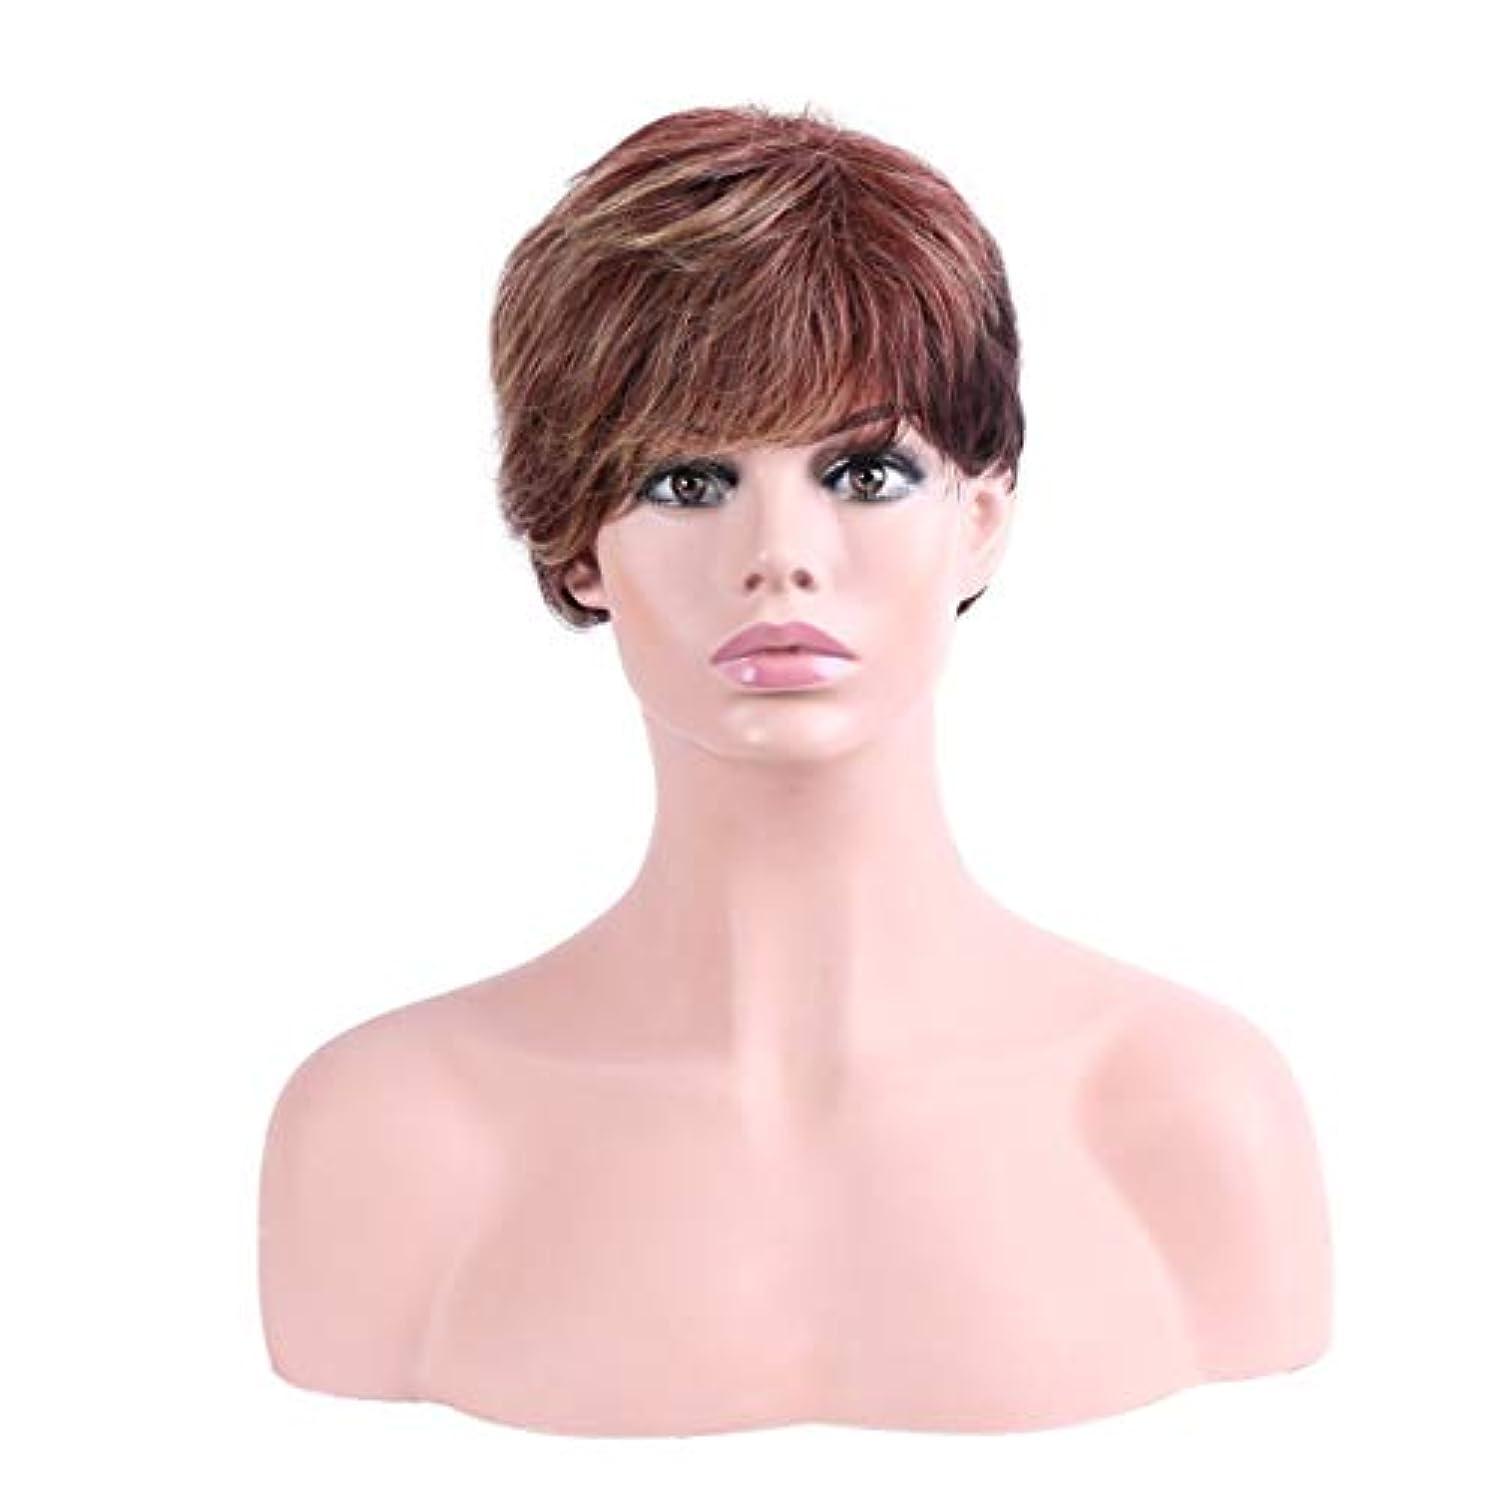 狐畝間マンハッタンYOUQIU 女性の耐熱ウィッグナチュラルヘアウィッグ用オンブル茶ショート傾斜部髪の天然、合成ウィッグ (色 : Ombre Brown)